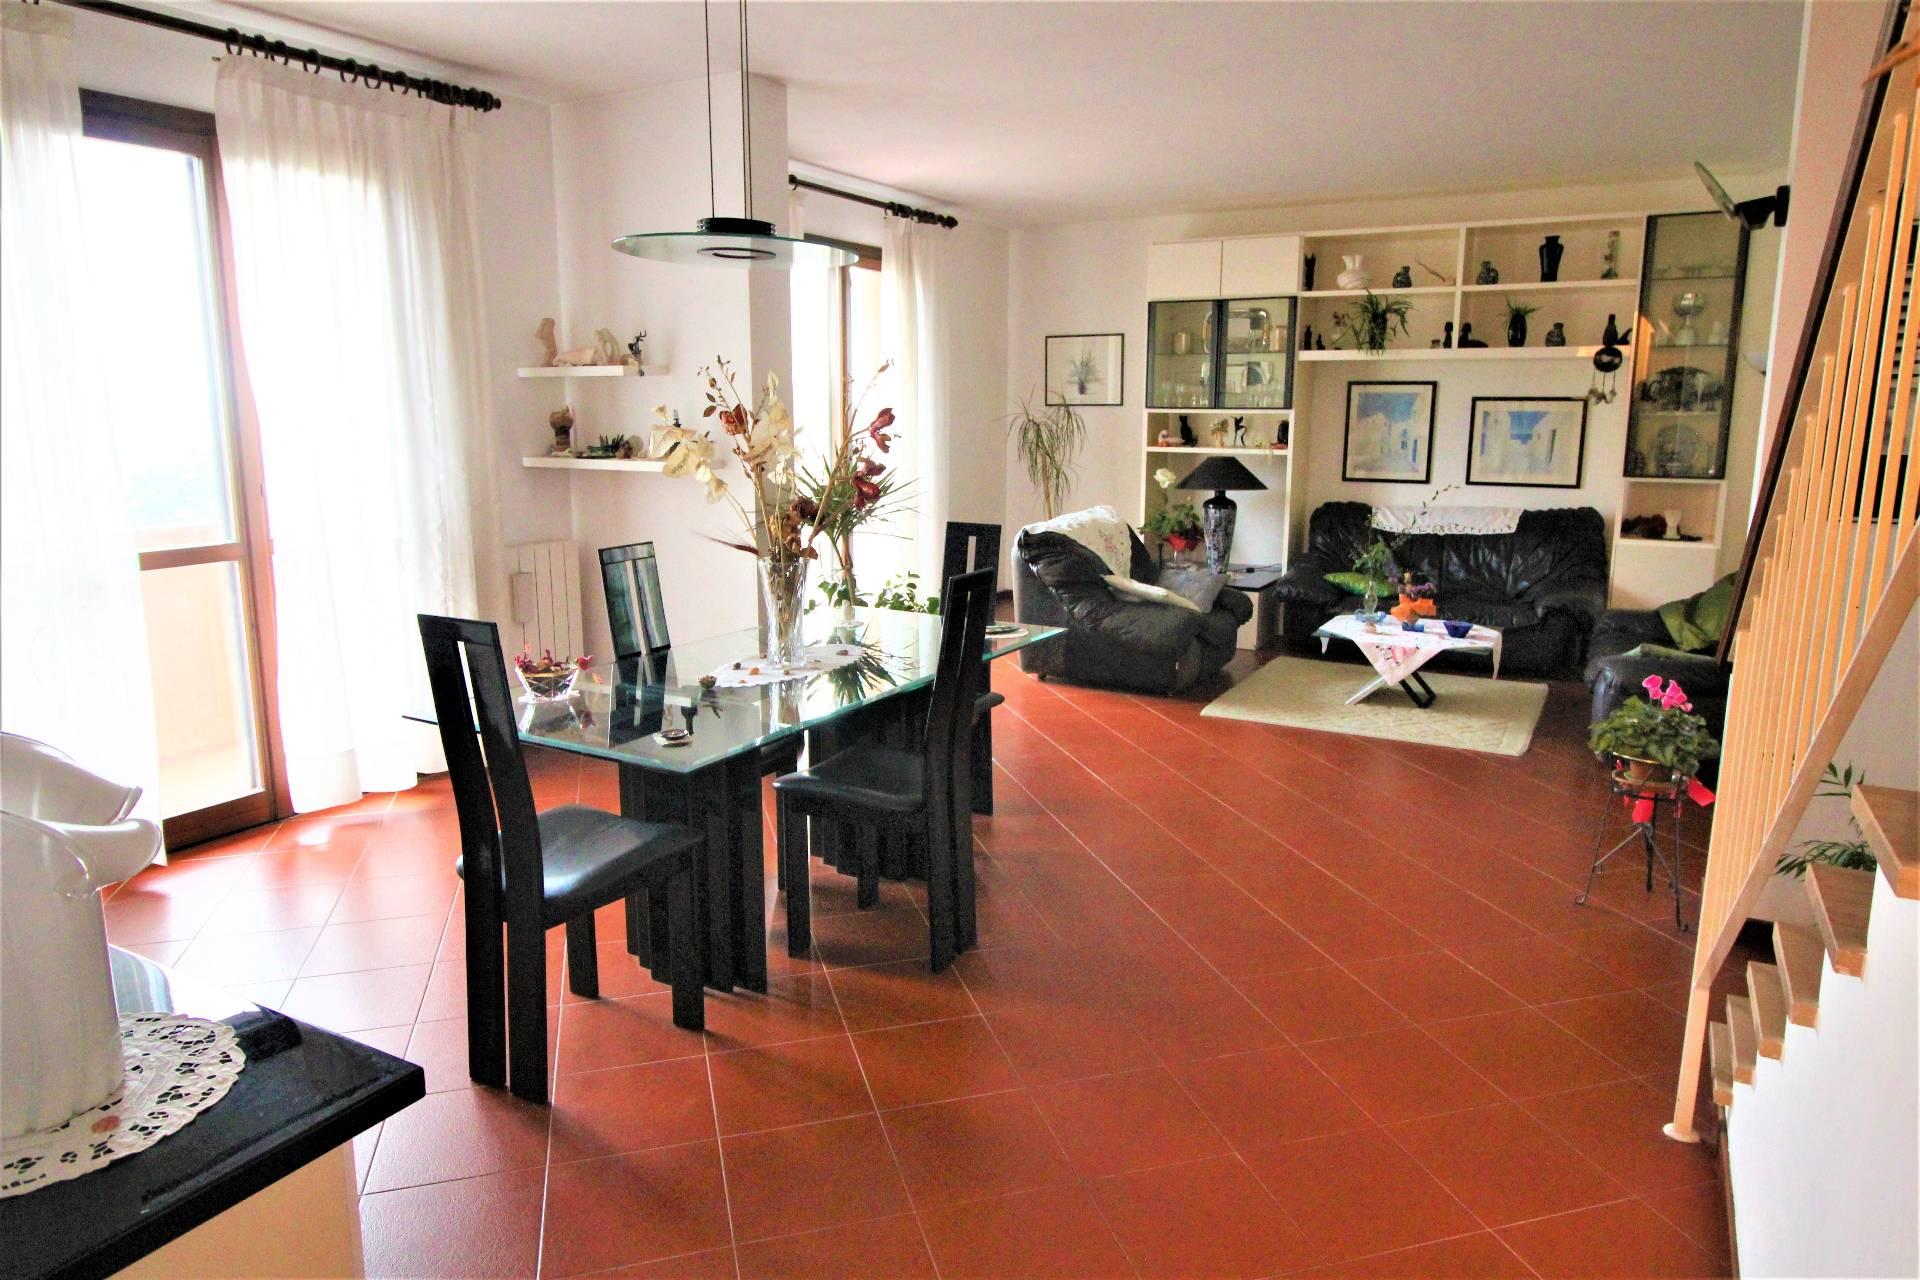 Villa in vendita a Calci, 8 locali, zona Località: LaGabella, prezzo € 530.000 | CambioCasa.it